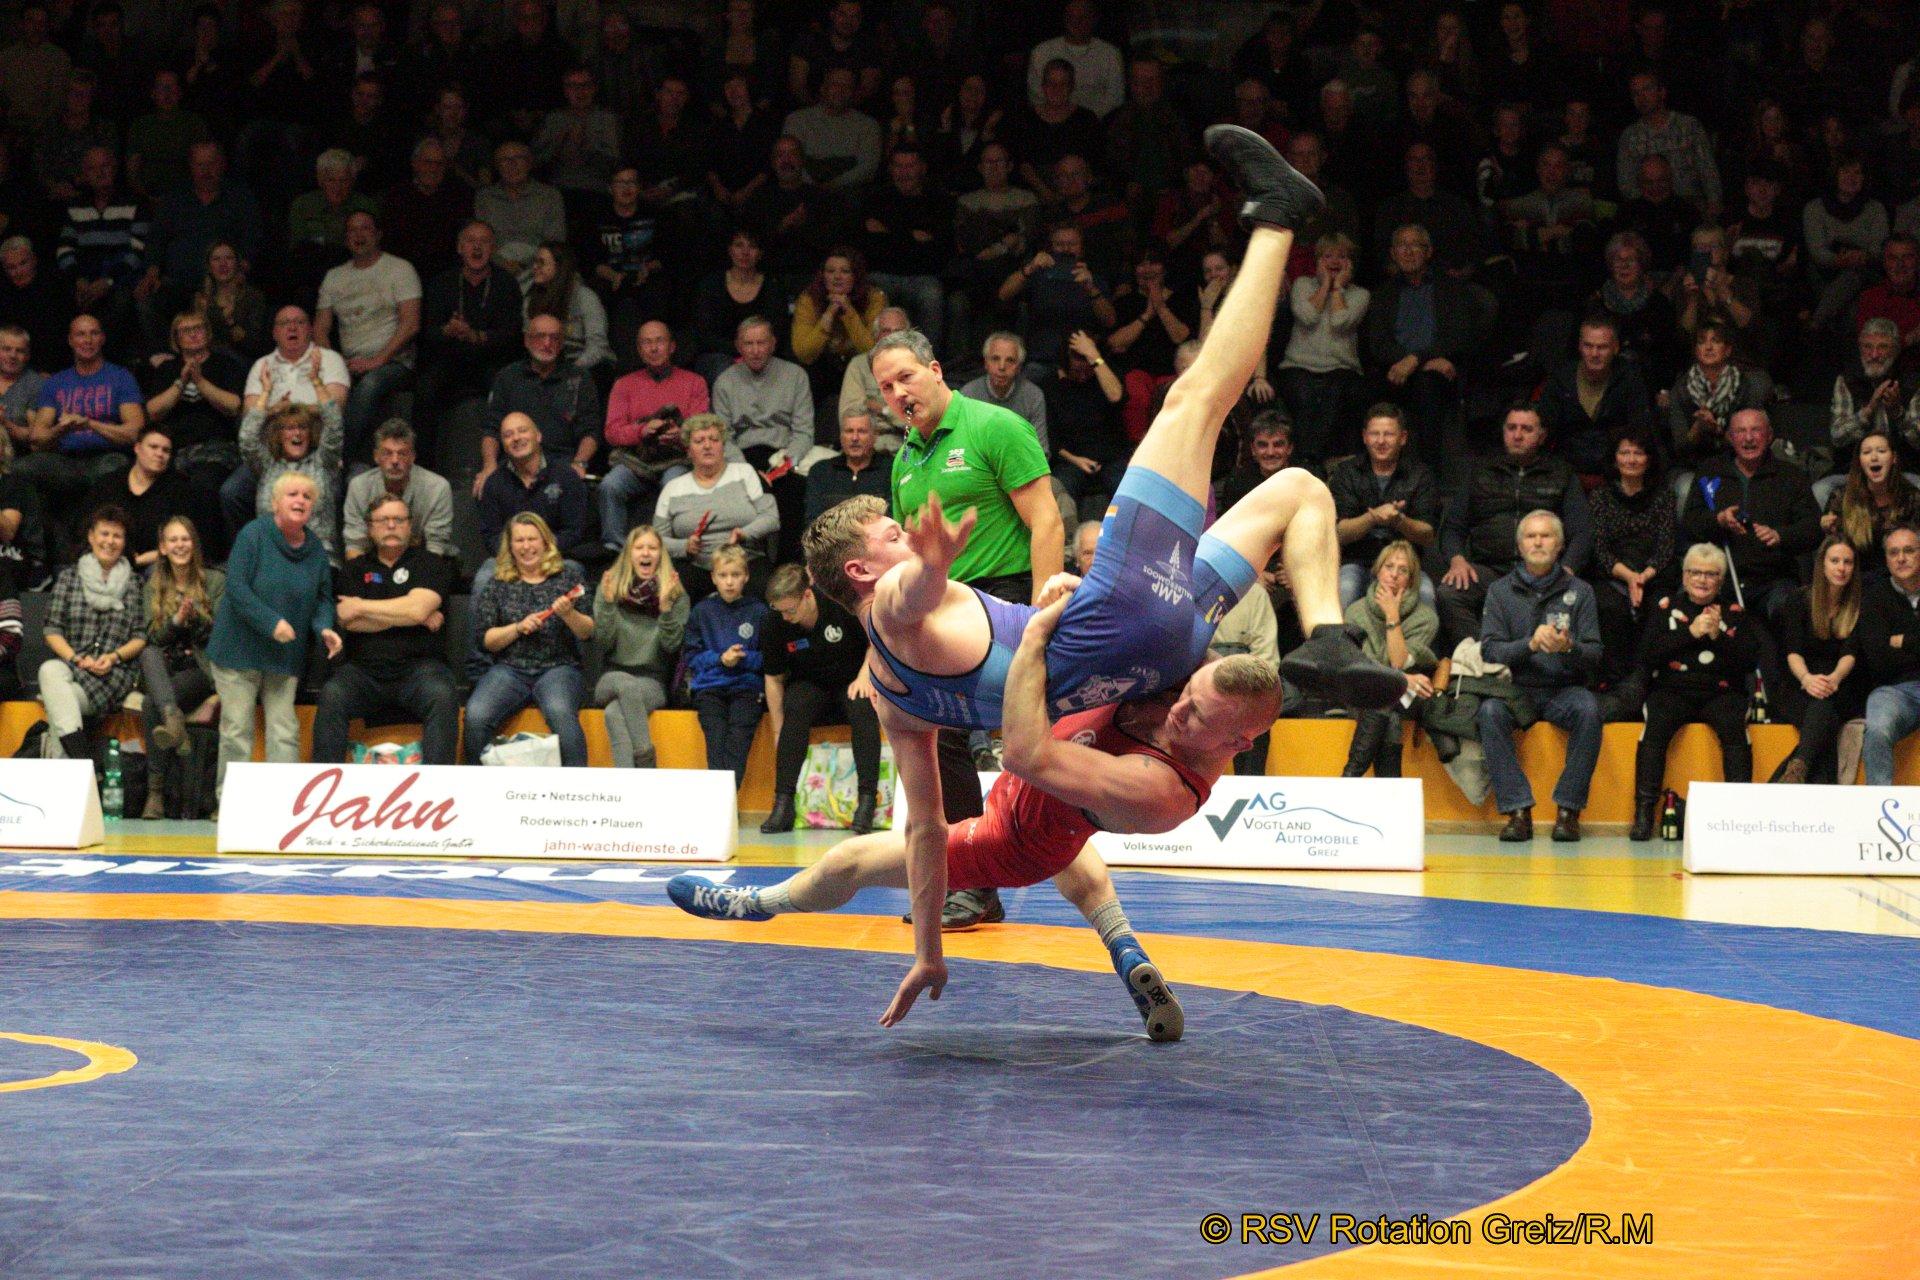 66kg Greco: Dawid Karecinski EU (5) (rotes Trikot), RSV Rotation Greiz gegen Yannick Ketterer J (-2), SV Hallbergmoos 4:0/TÜ/16:0/00:38